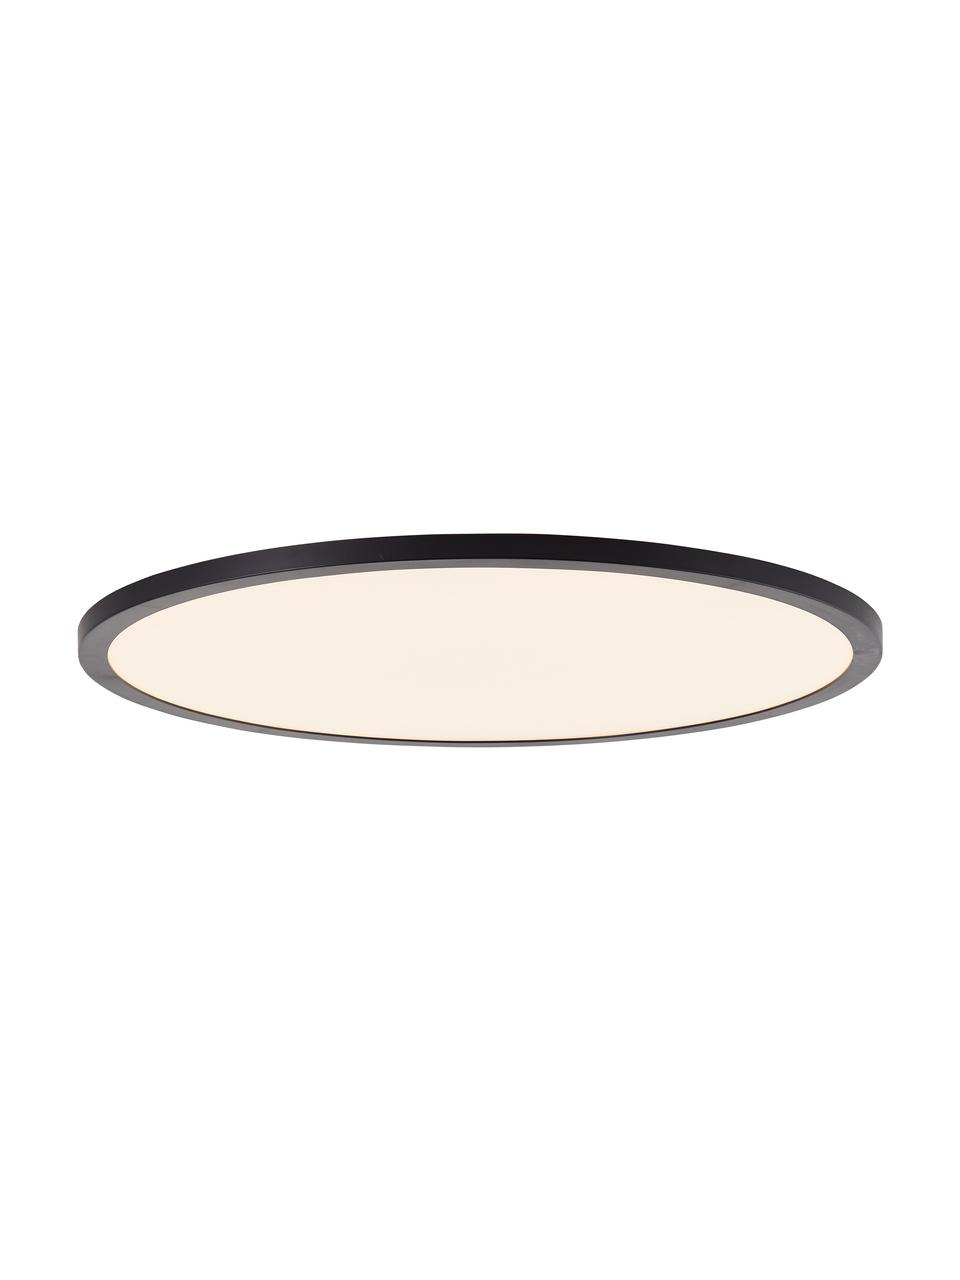 Dimmbares LED-Panel Tuco mit Farbwechsel und Fernbedienung, Lampenschirm: Kunststoff, Diffusorscheibe: Kunststoff, schwarz/weiß, Ø 50 x H 3 cm